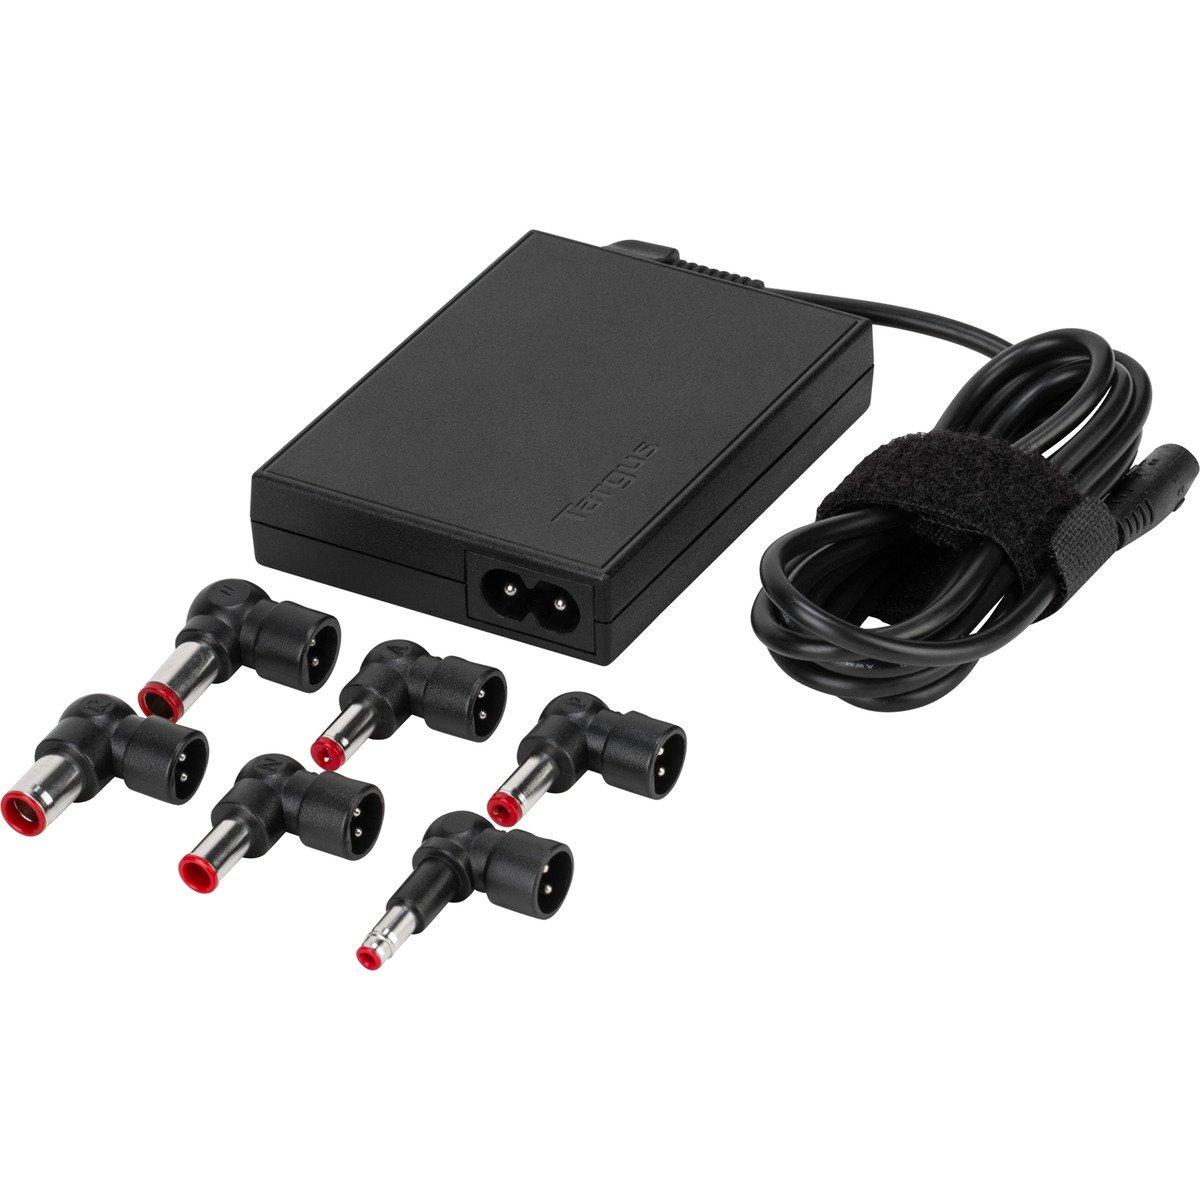 Amazon.com: Targus 65 W AC ultra-slim Universal cargador de ...